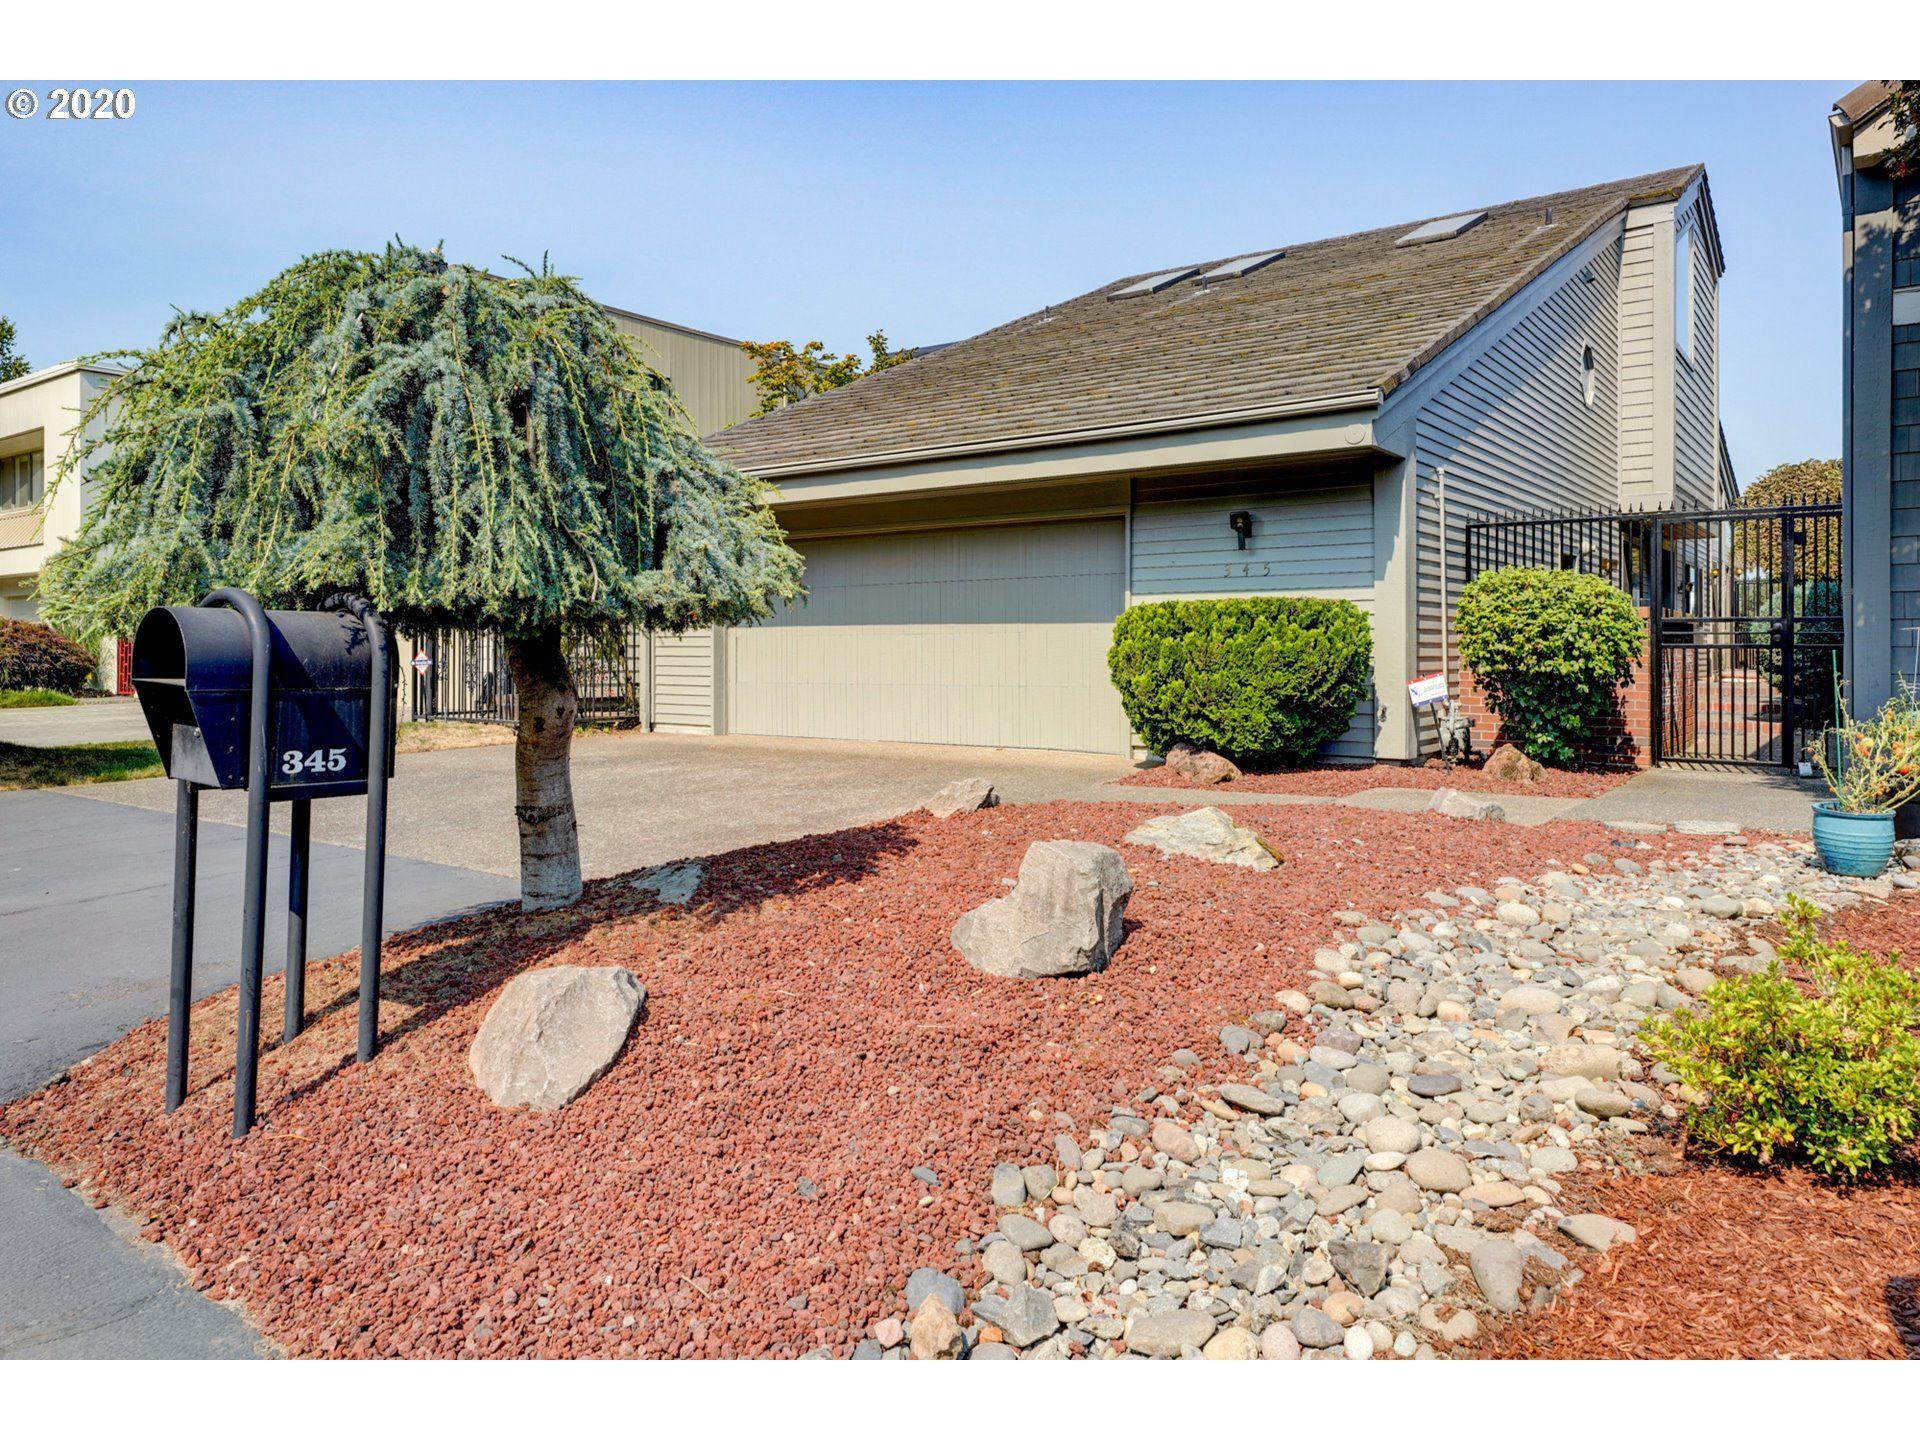 345 N LOTUS BEACH DR, Portland, OR 97217 - MLS#: 20087852